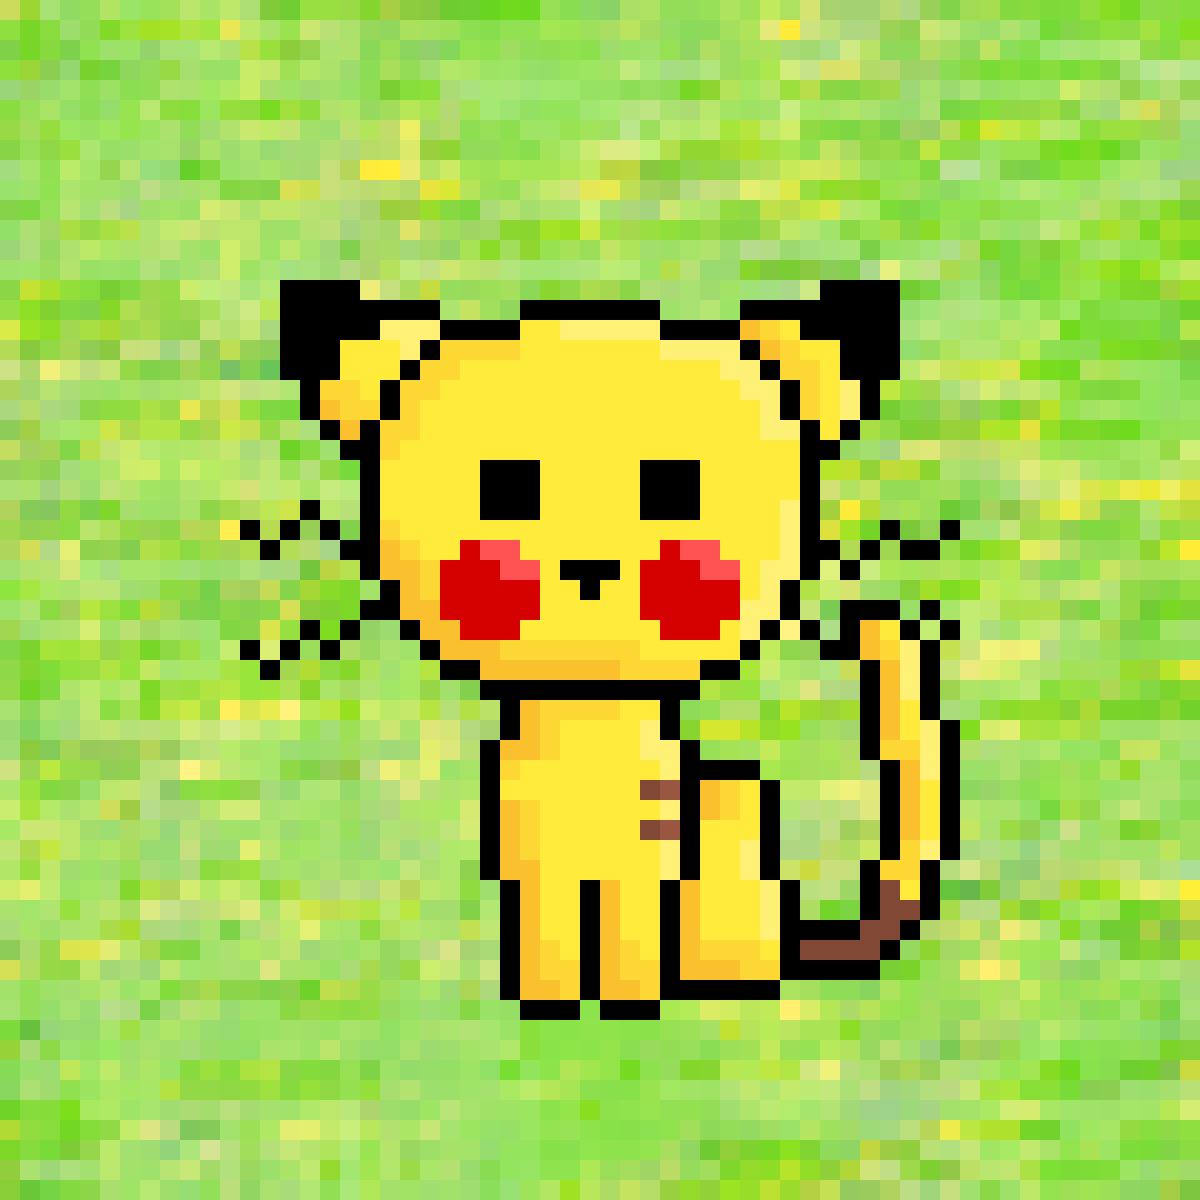 Pikachu Cat by Thoo